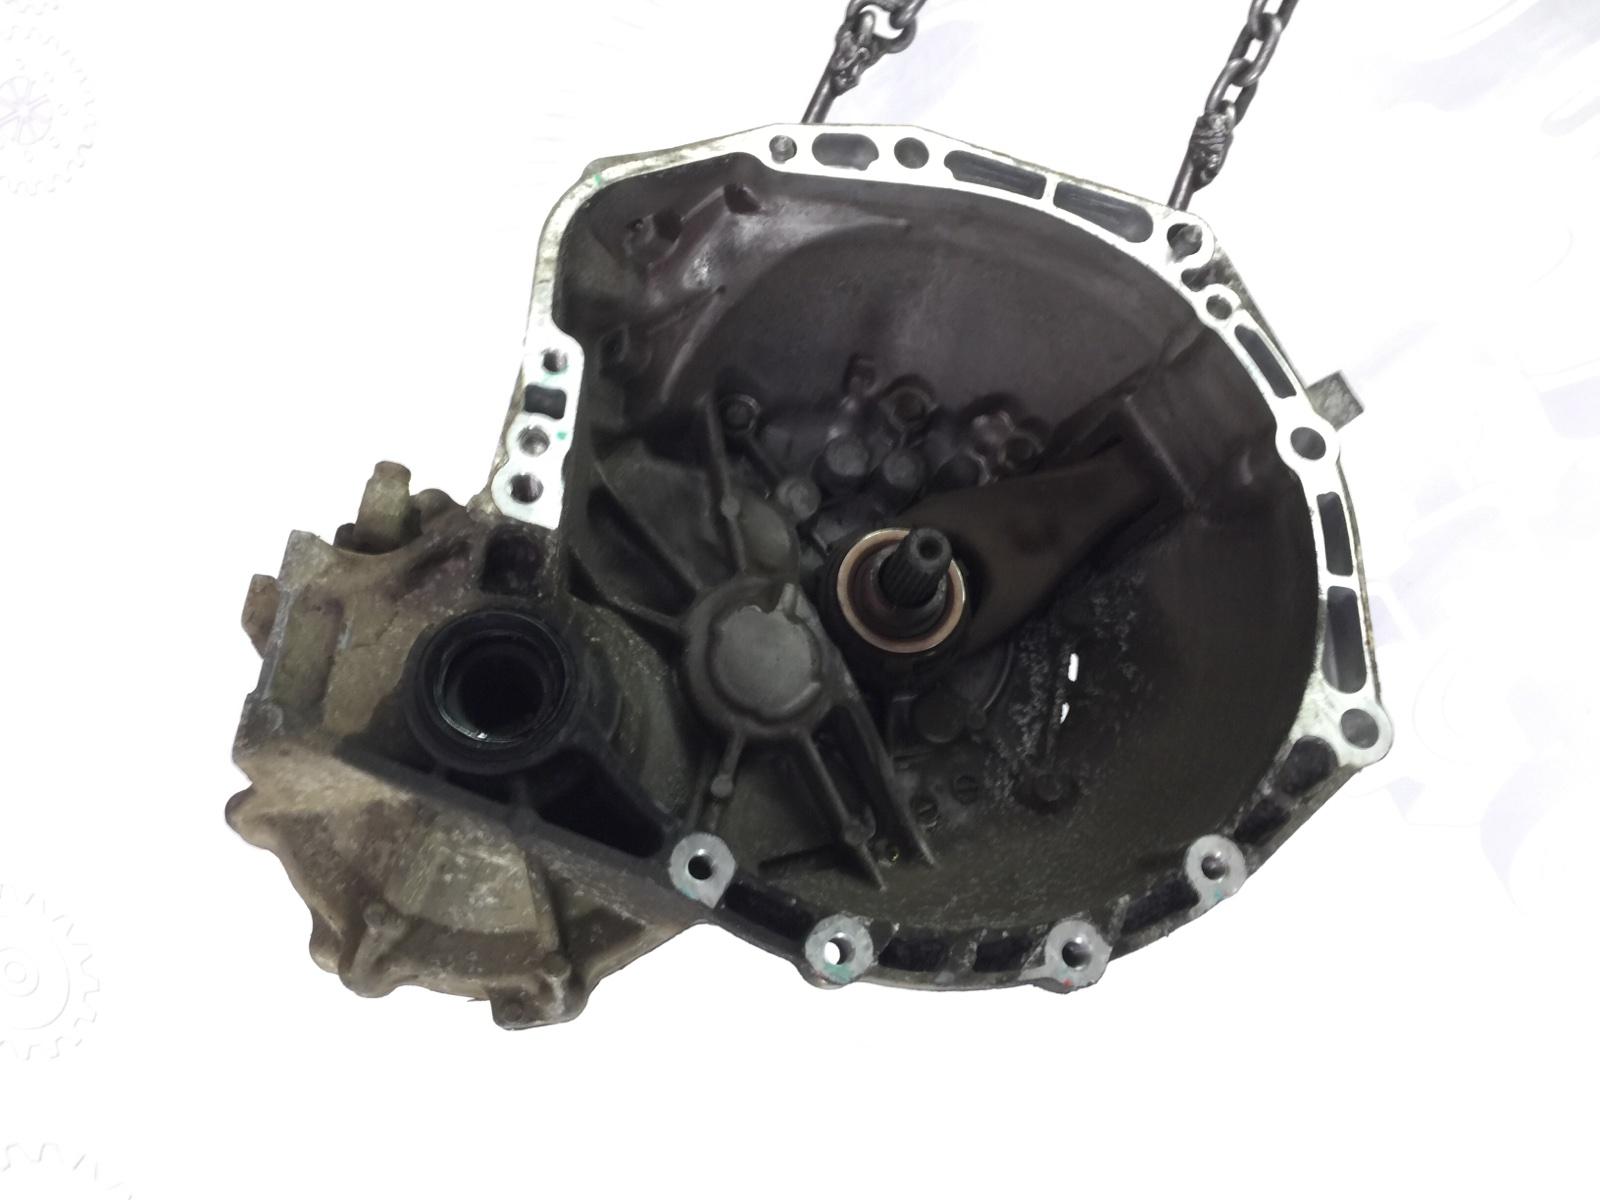 Кпп механическая (мкпп) Toyota Yaris P1 1.0 I 2004 (б/у)